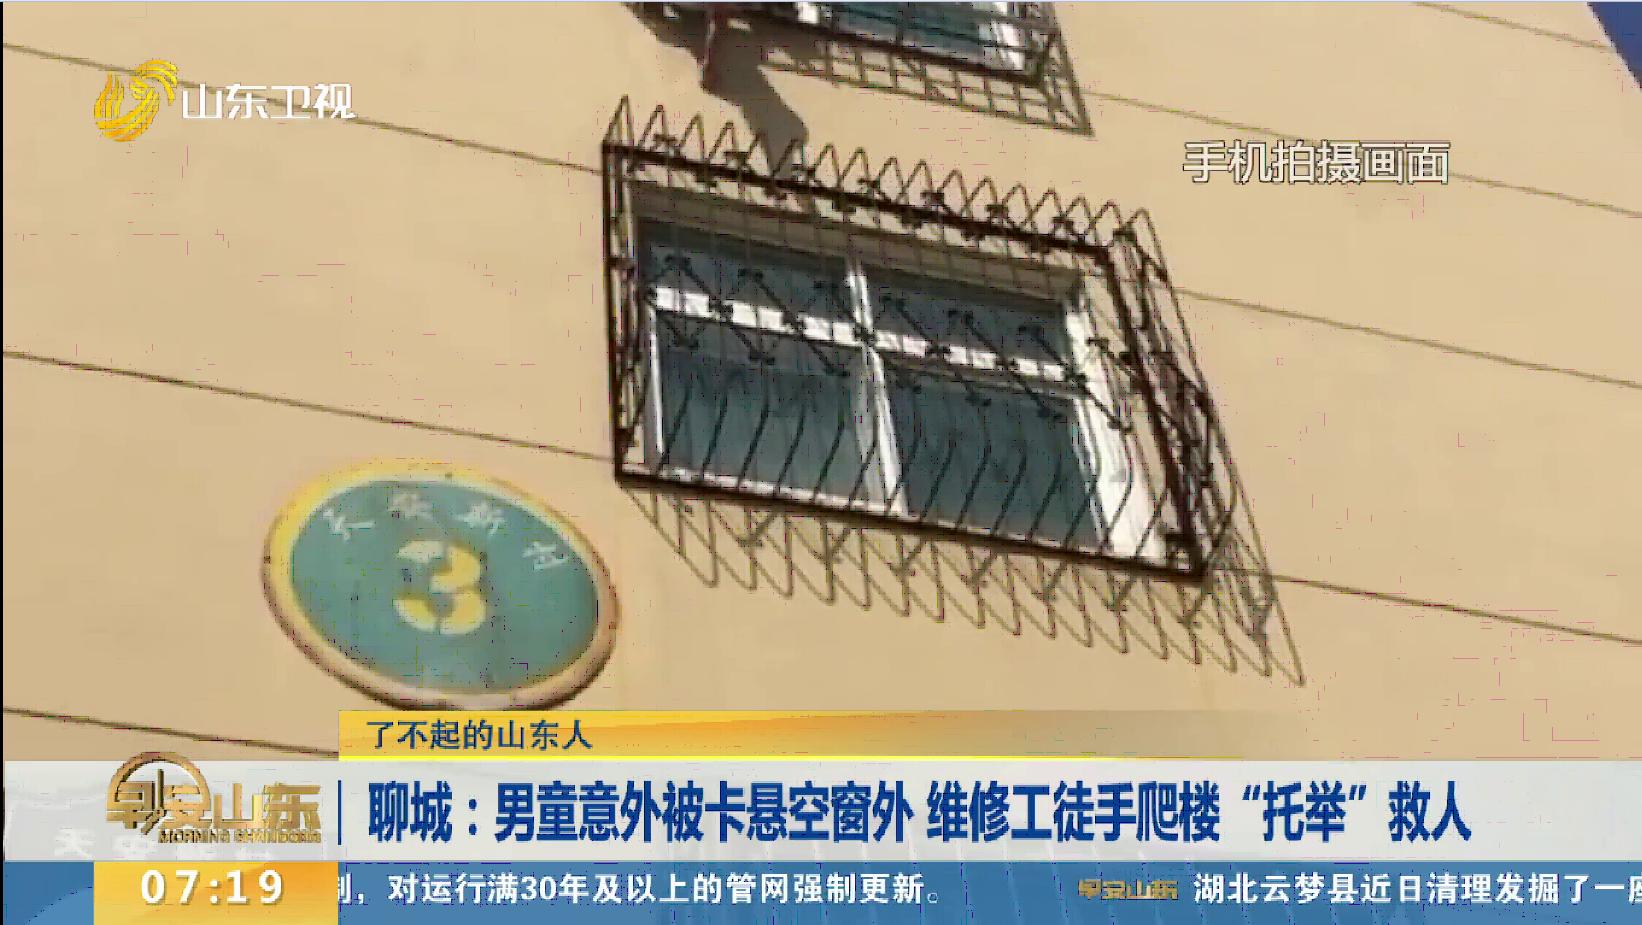 """【了不起的山东人】聊城:男童意外被卡悬空窗外 维修工徒手爬楼""""托举""""救人"""